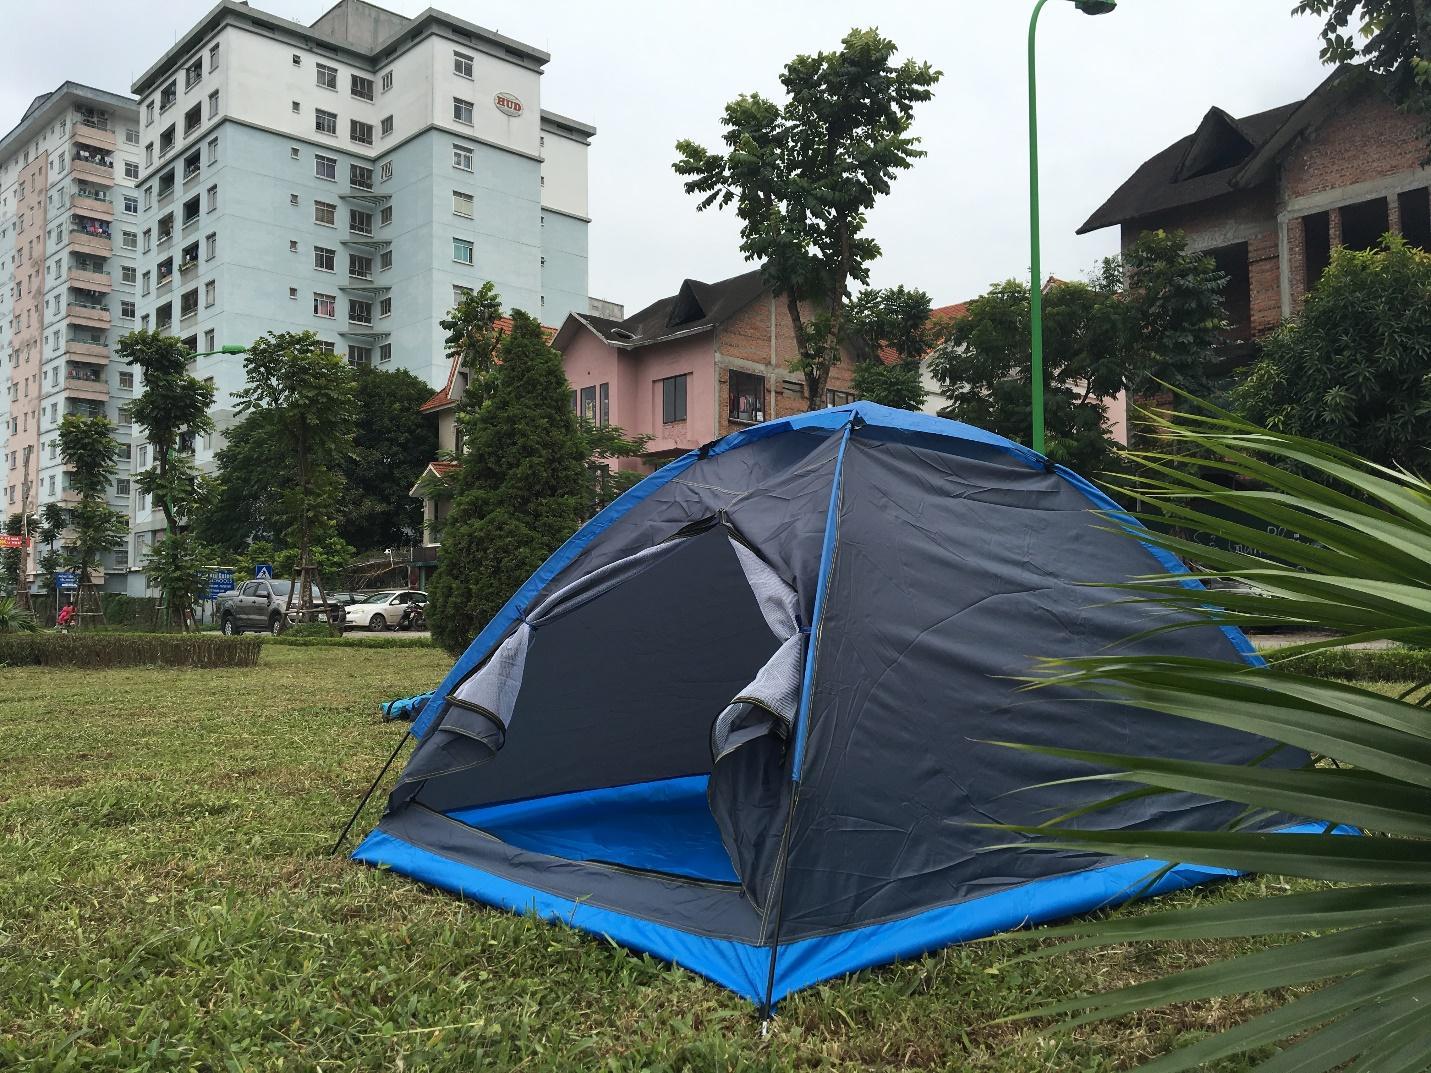 Phương tiện để có thể vui chơi tại địa điểm cắm trại